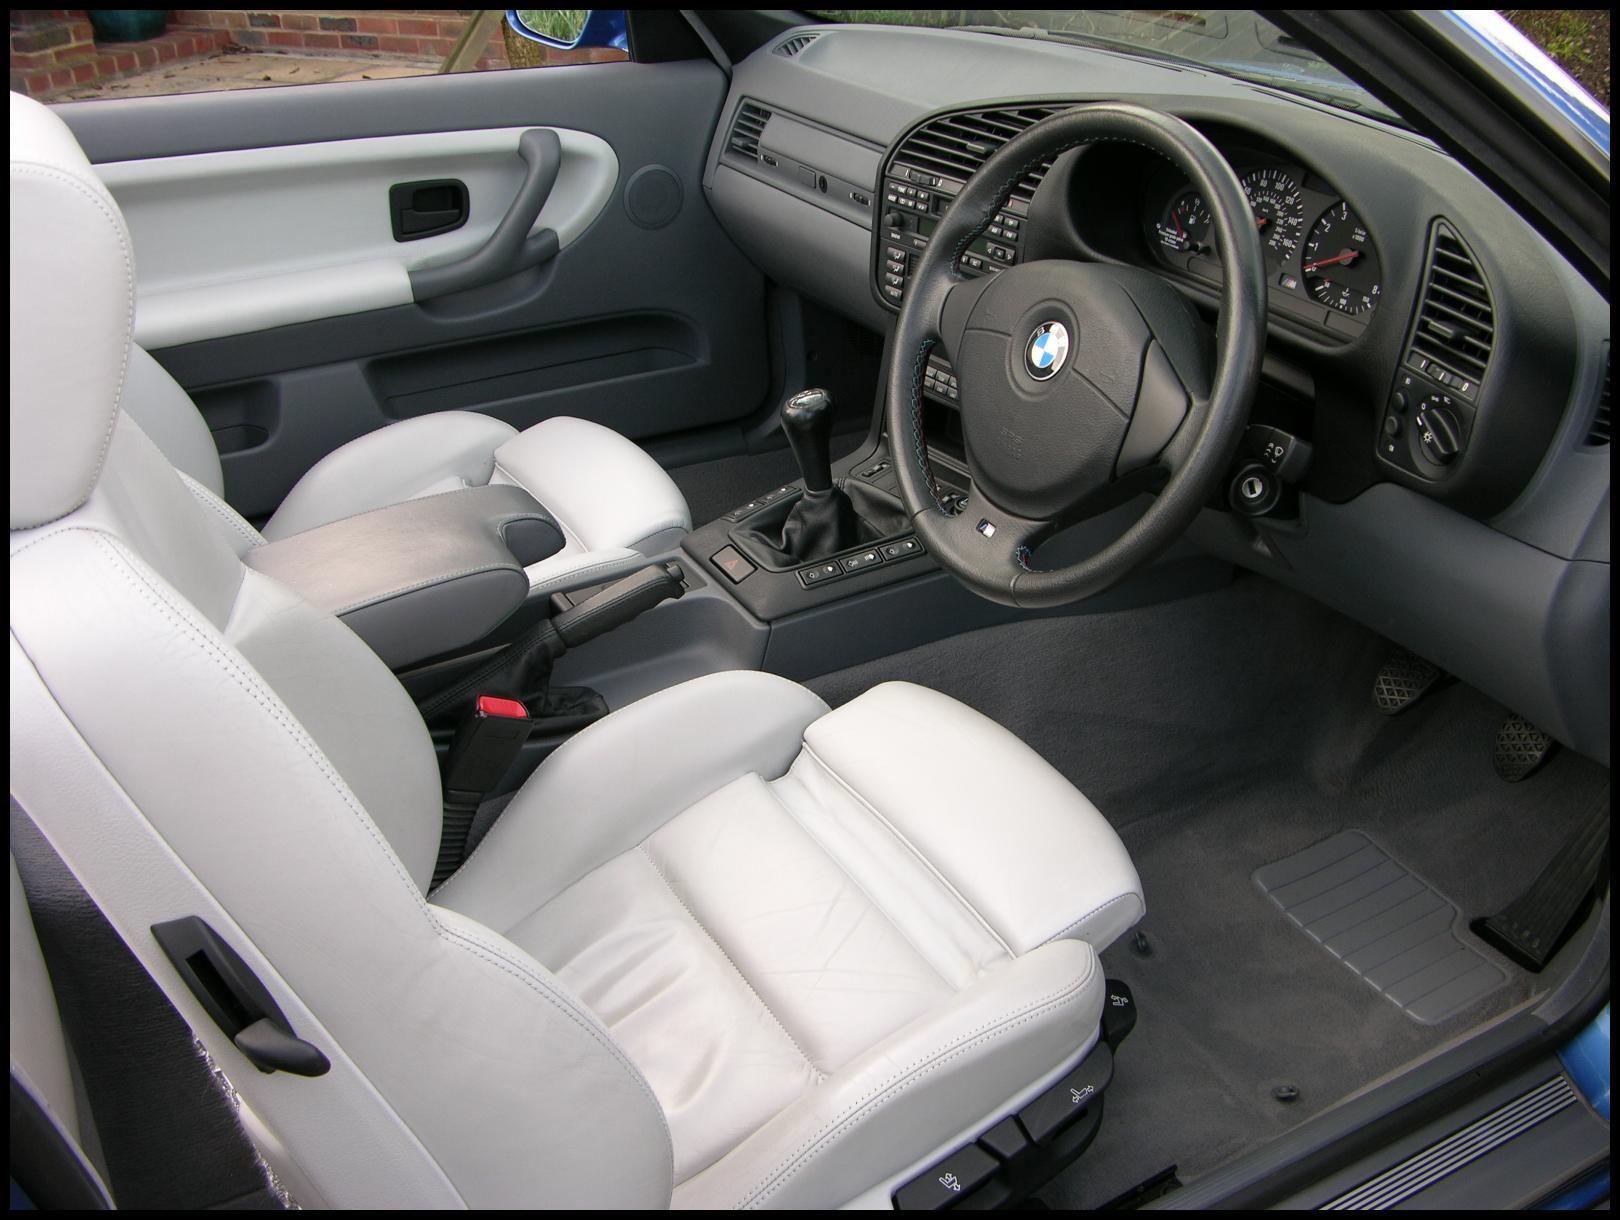 Bmw E36 Cabrio Interior Bmw E36 Culture Album